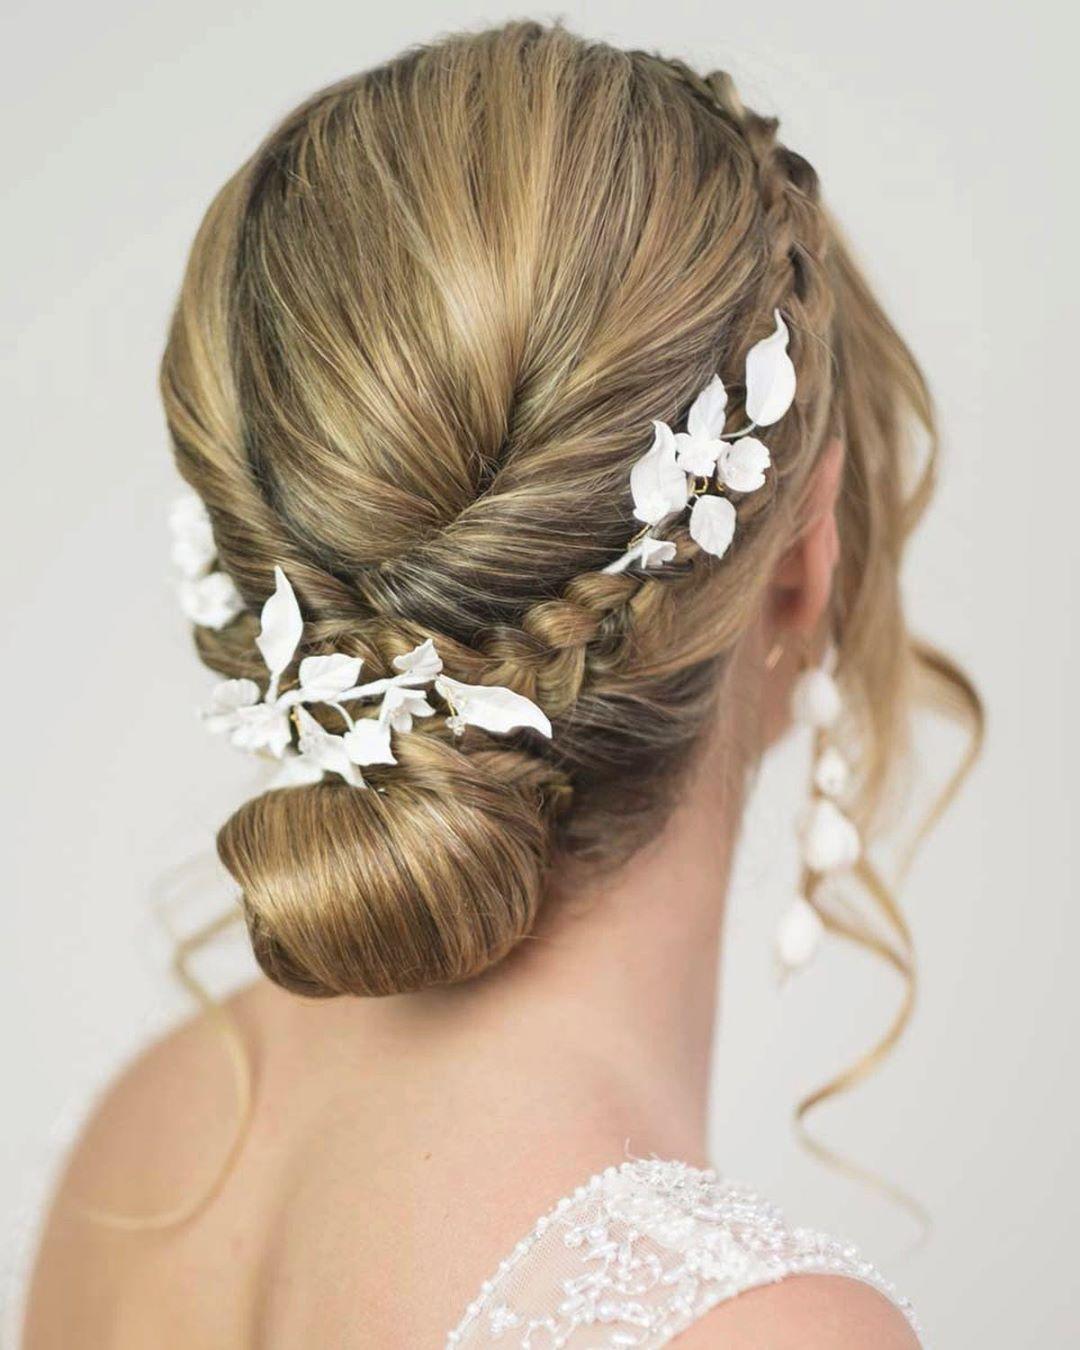 Bridal Hair Accessories And Low Bun Wedding Hair Up In 2020 Wedding Hair Up Bridal Hair Accessories Low Bun Wedding Hair